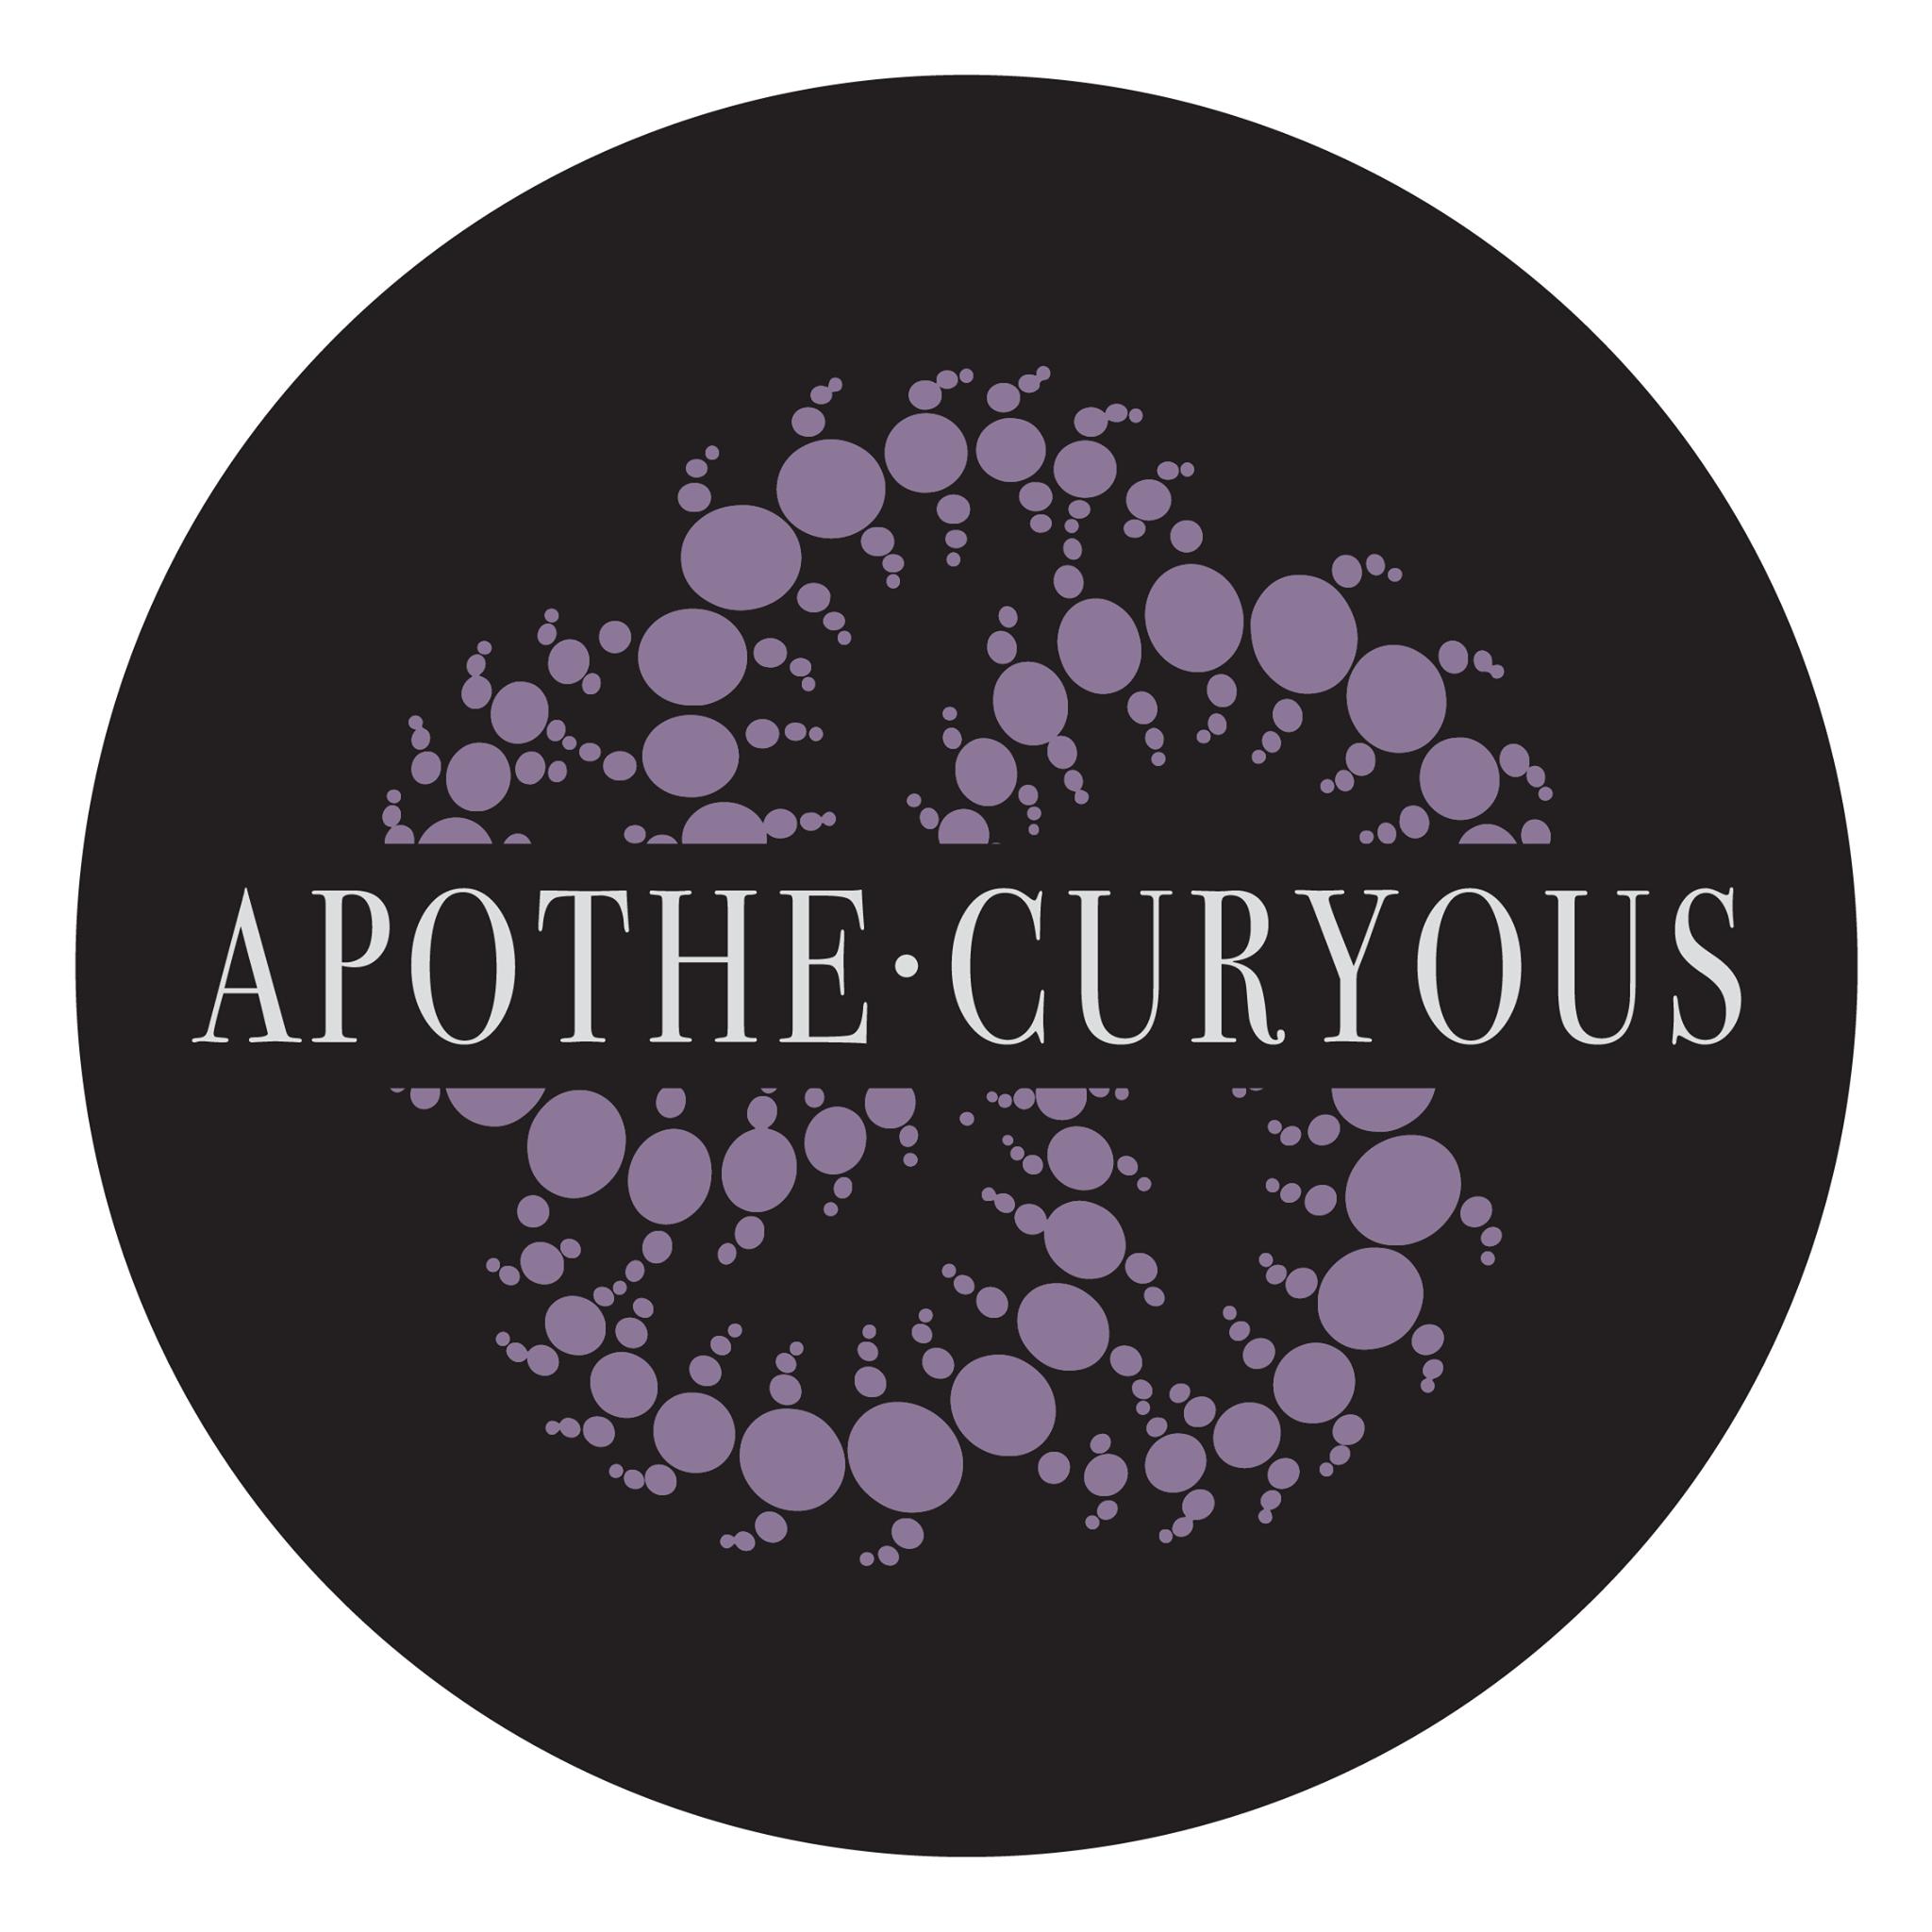 Apothecuryous